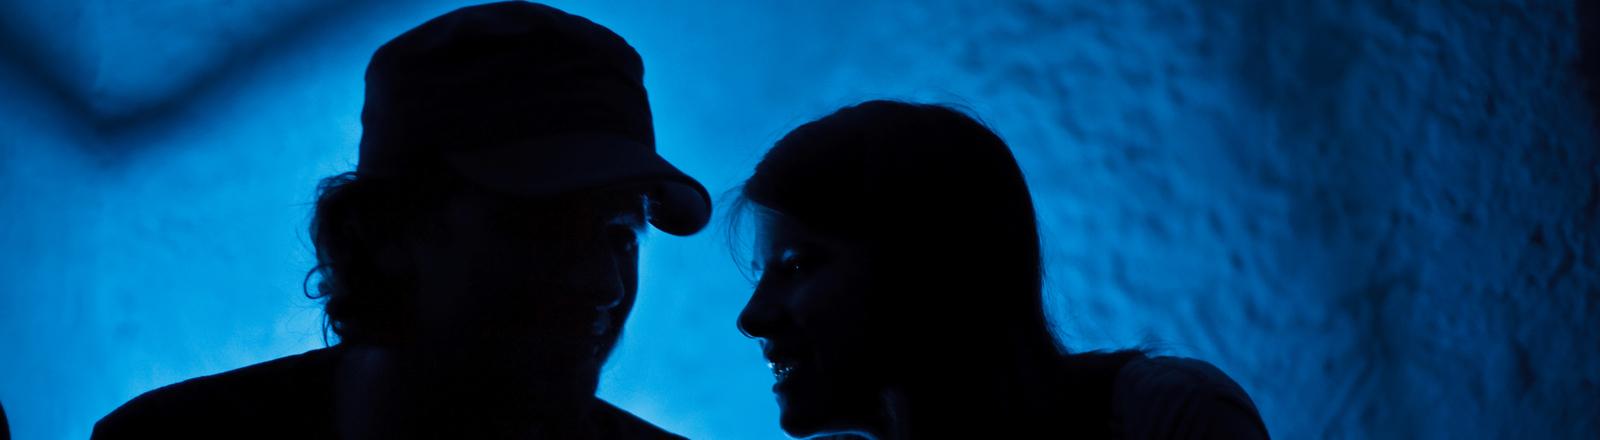 Ein Mann und eine Frau schauen sich an.